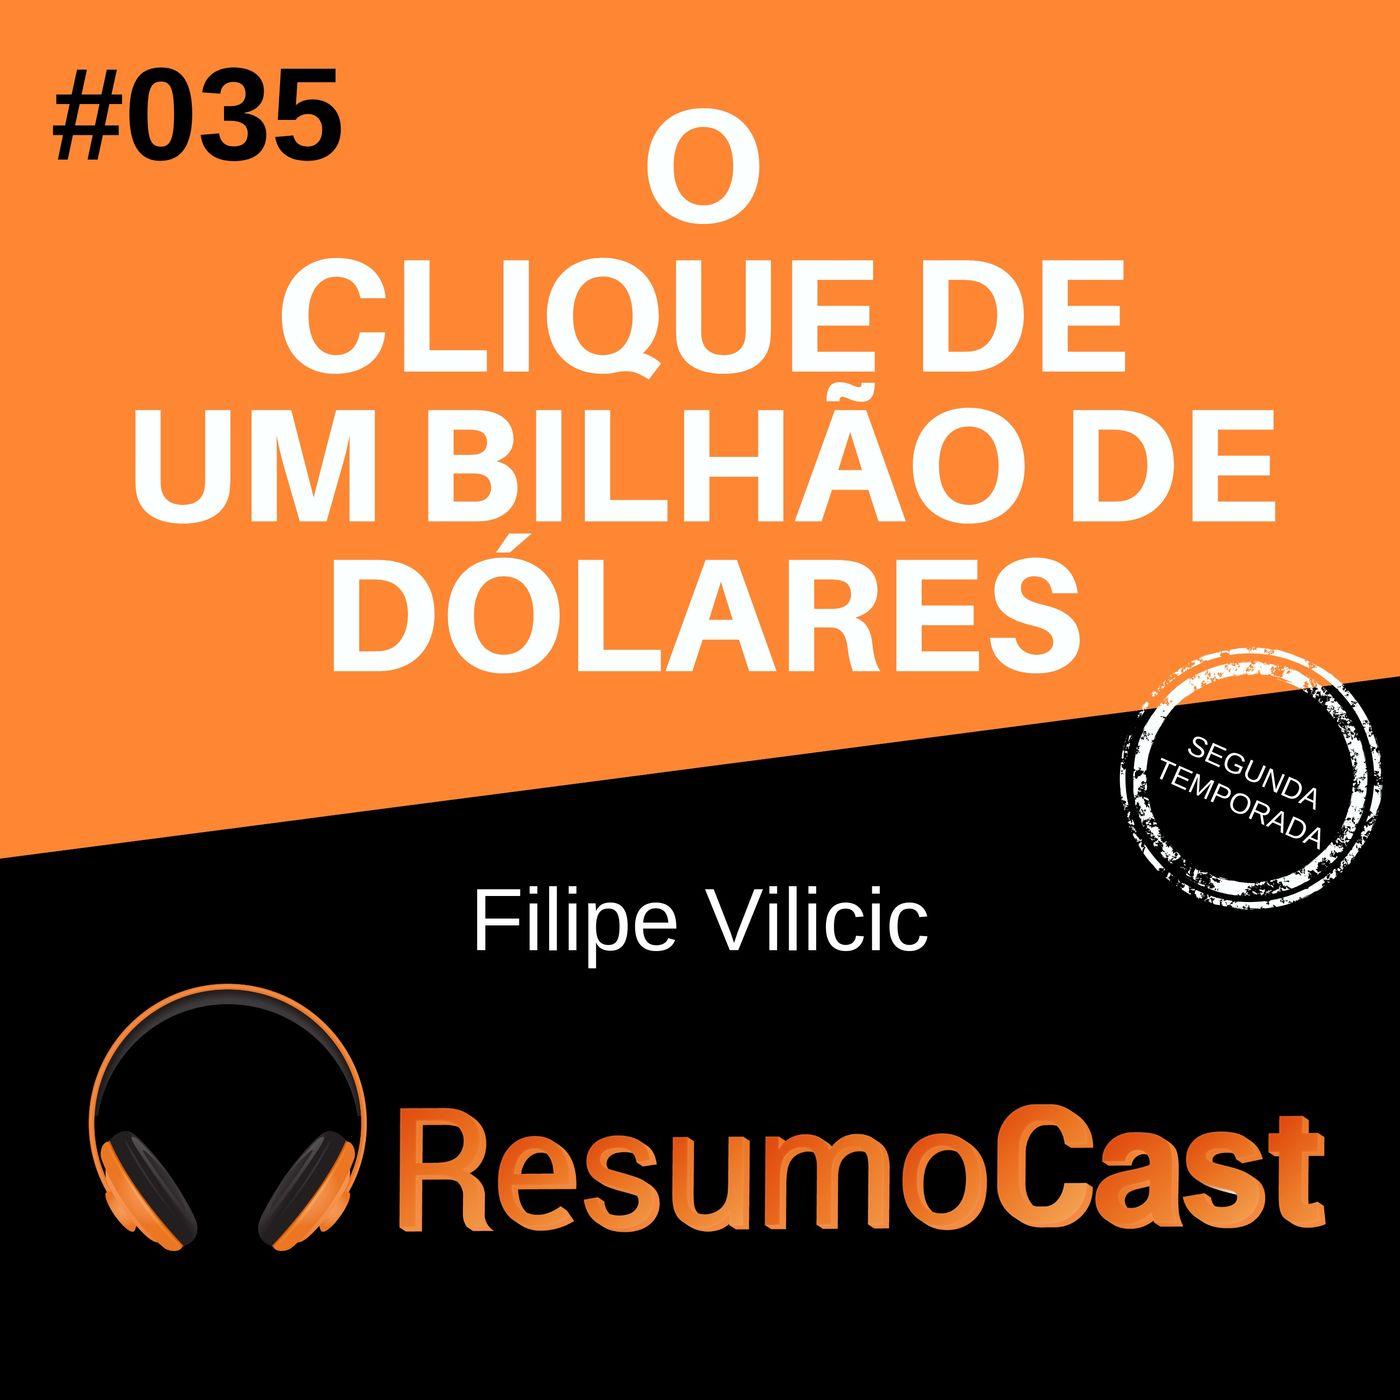 T2#035 O clique de 1 bilhão de dólares | Filipe Vilicic